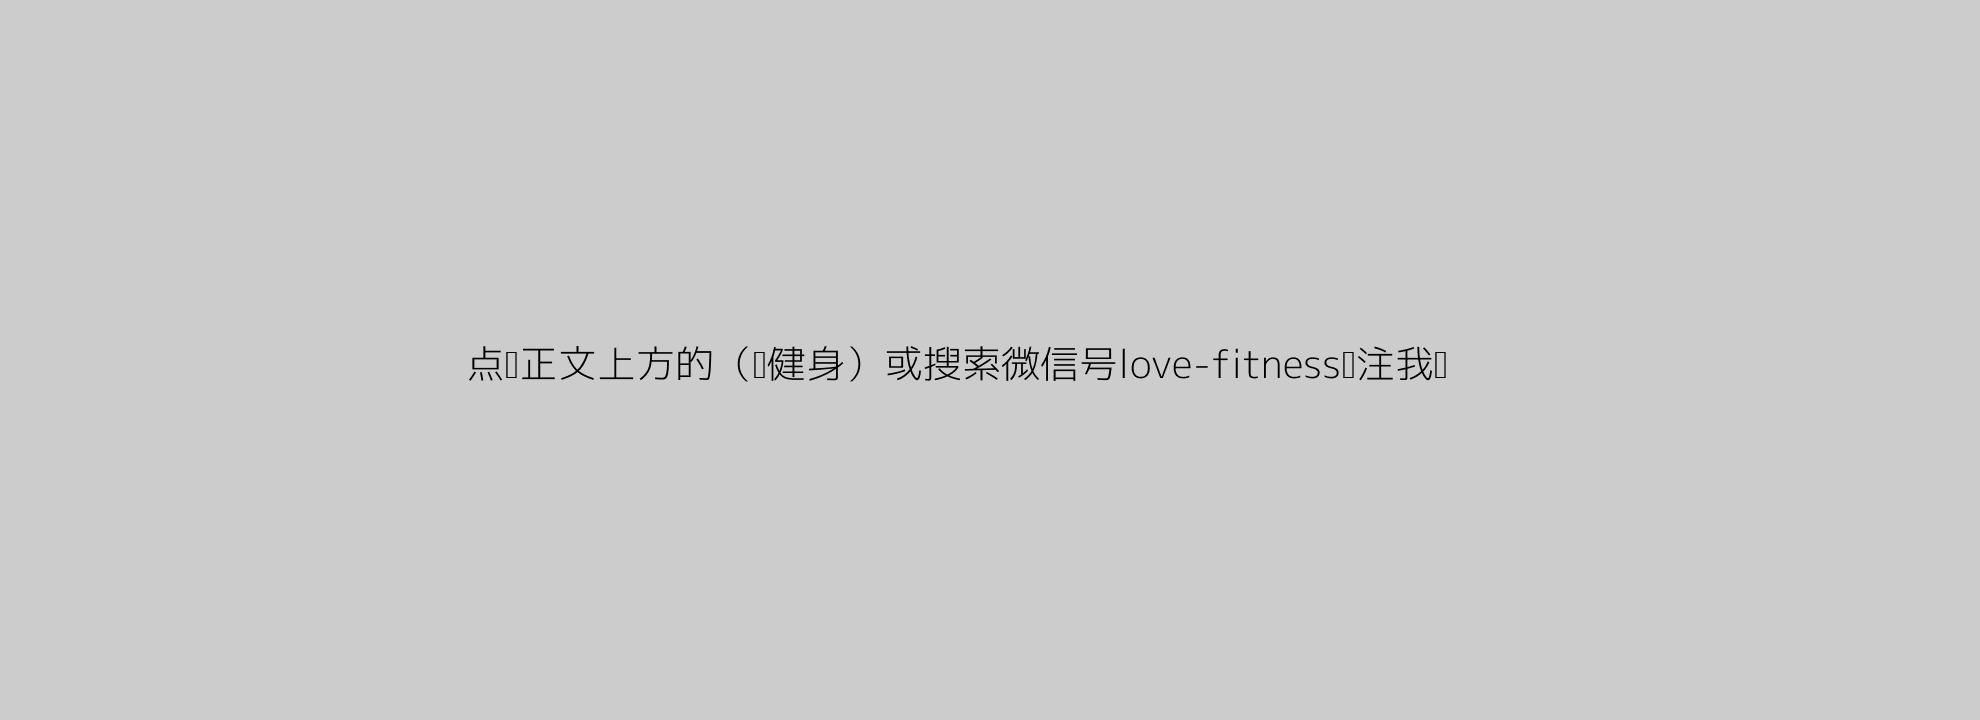 点击正文上方的(爱健身)或搜索微信号love-fitness关注我们